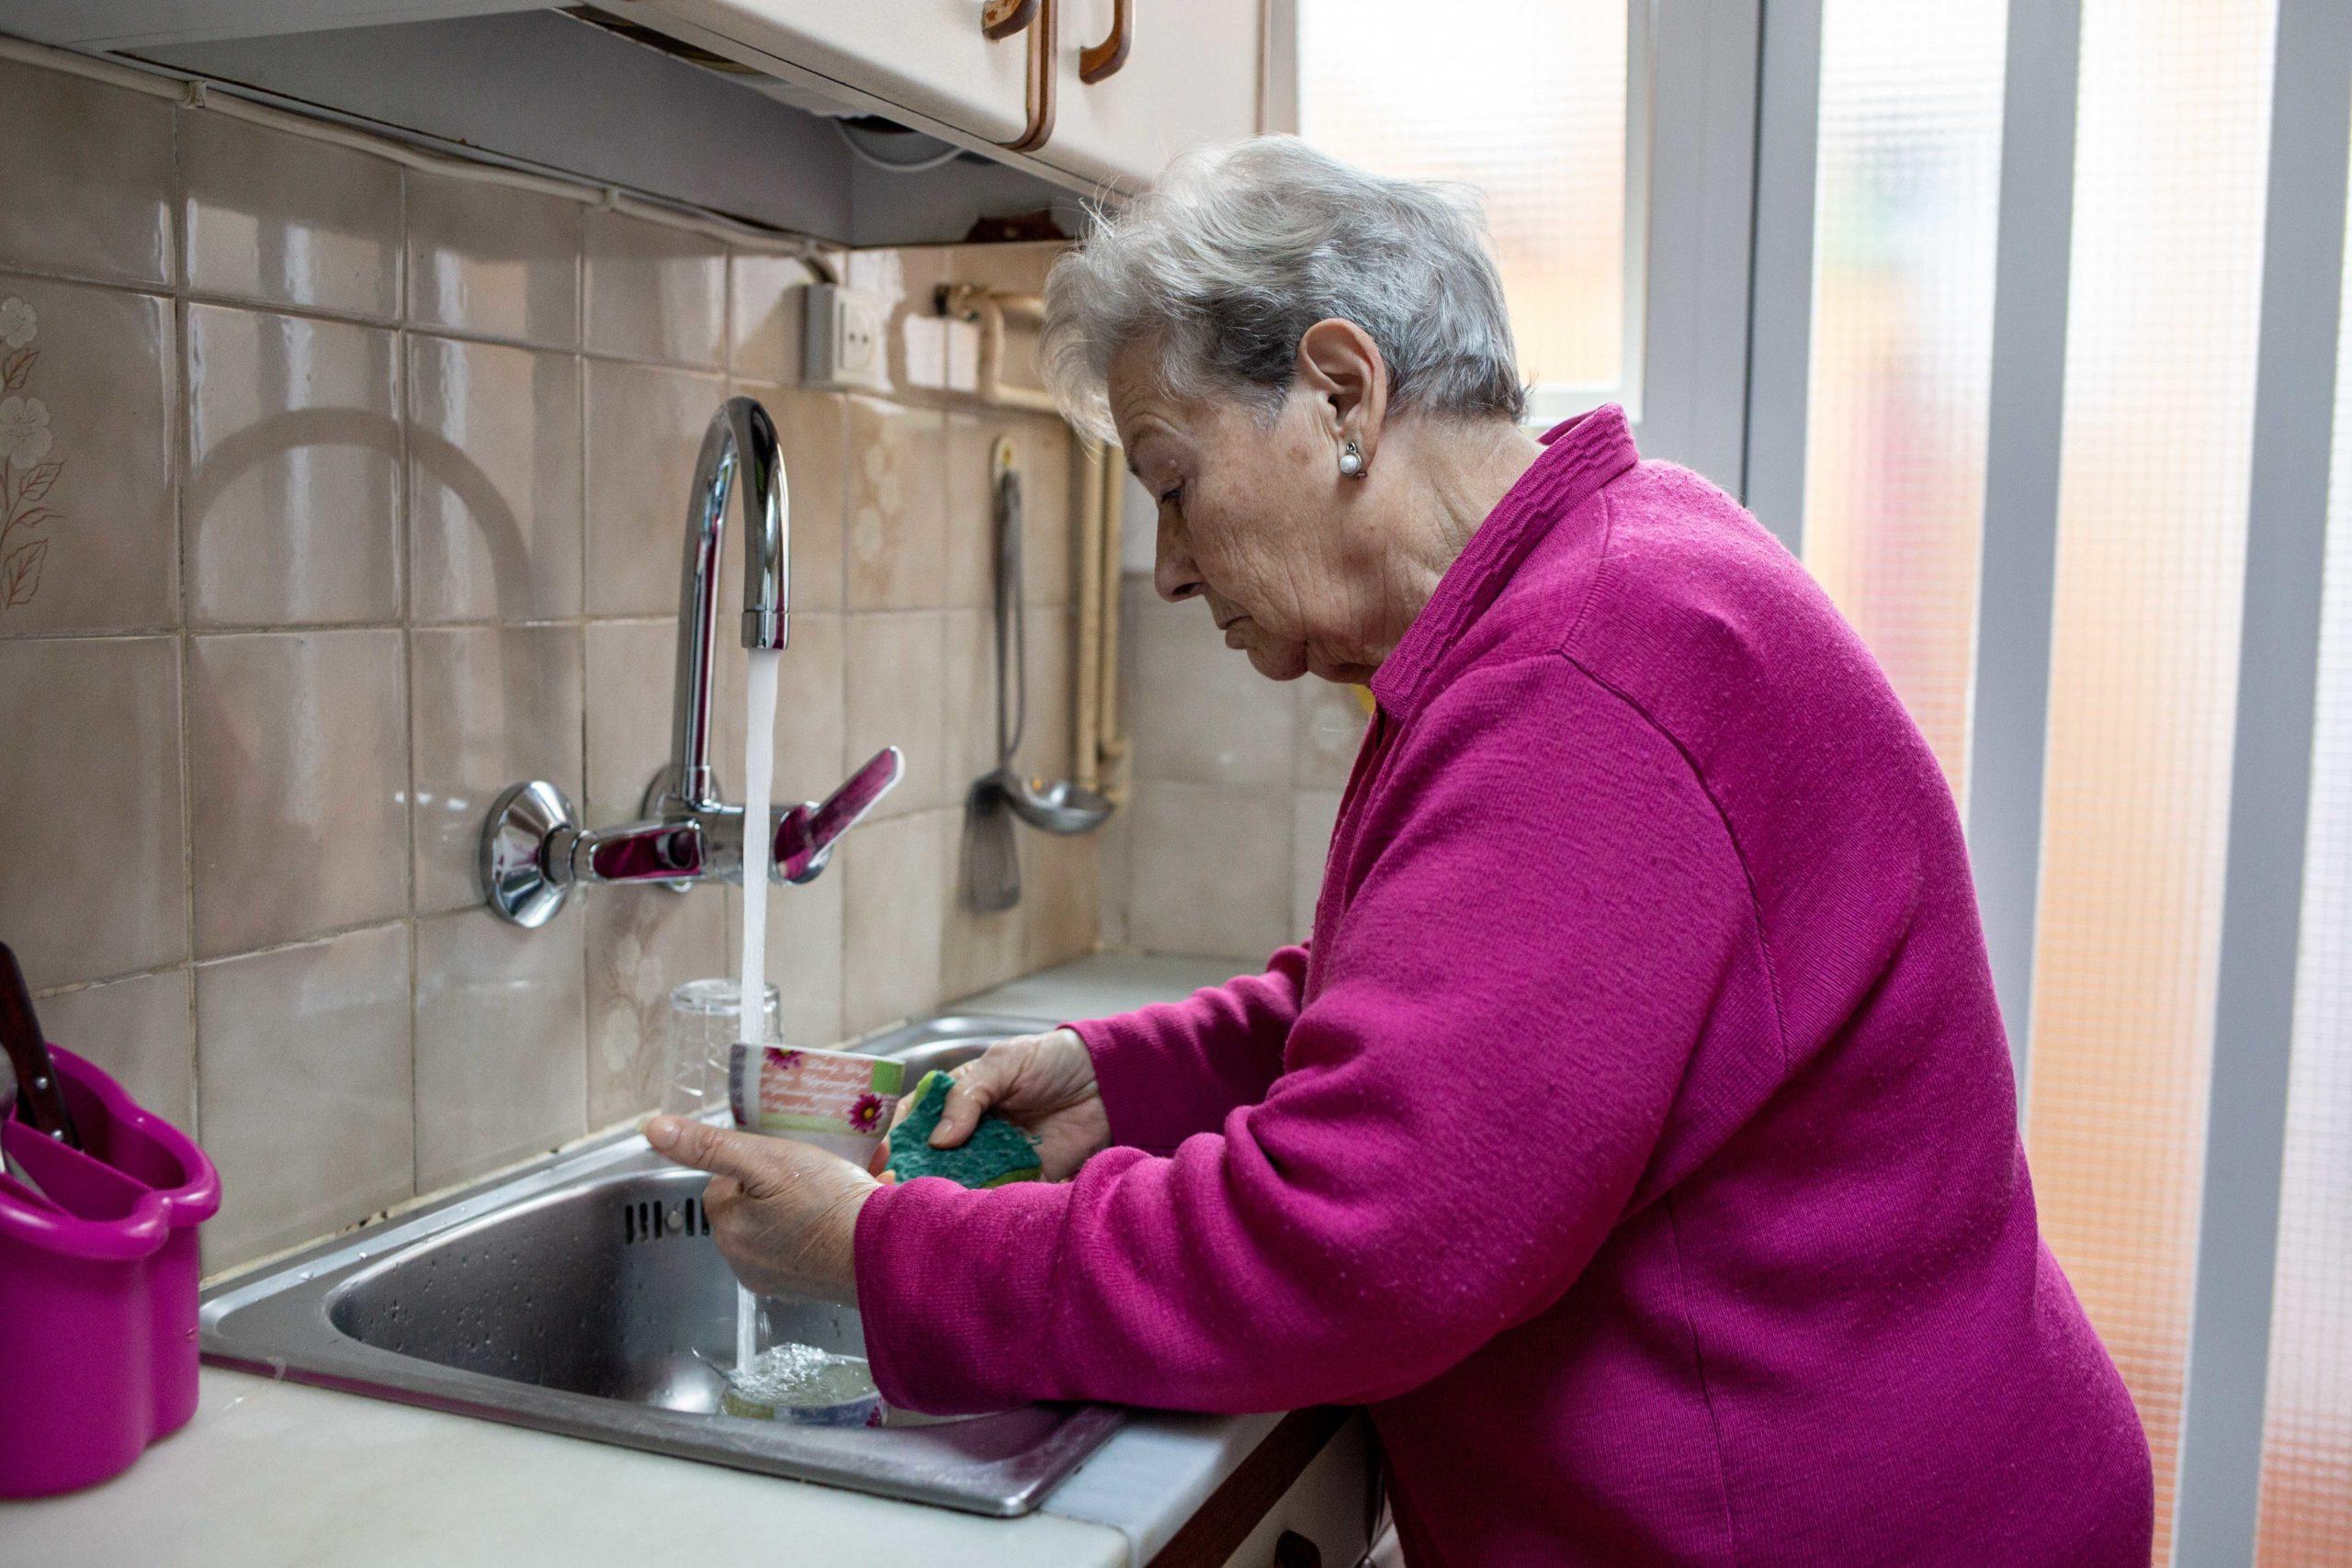 Dona fregant els plats a la cuina